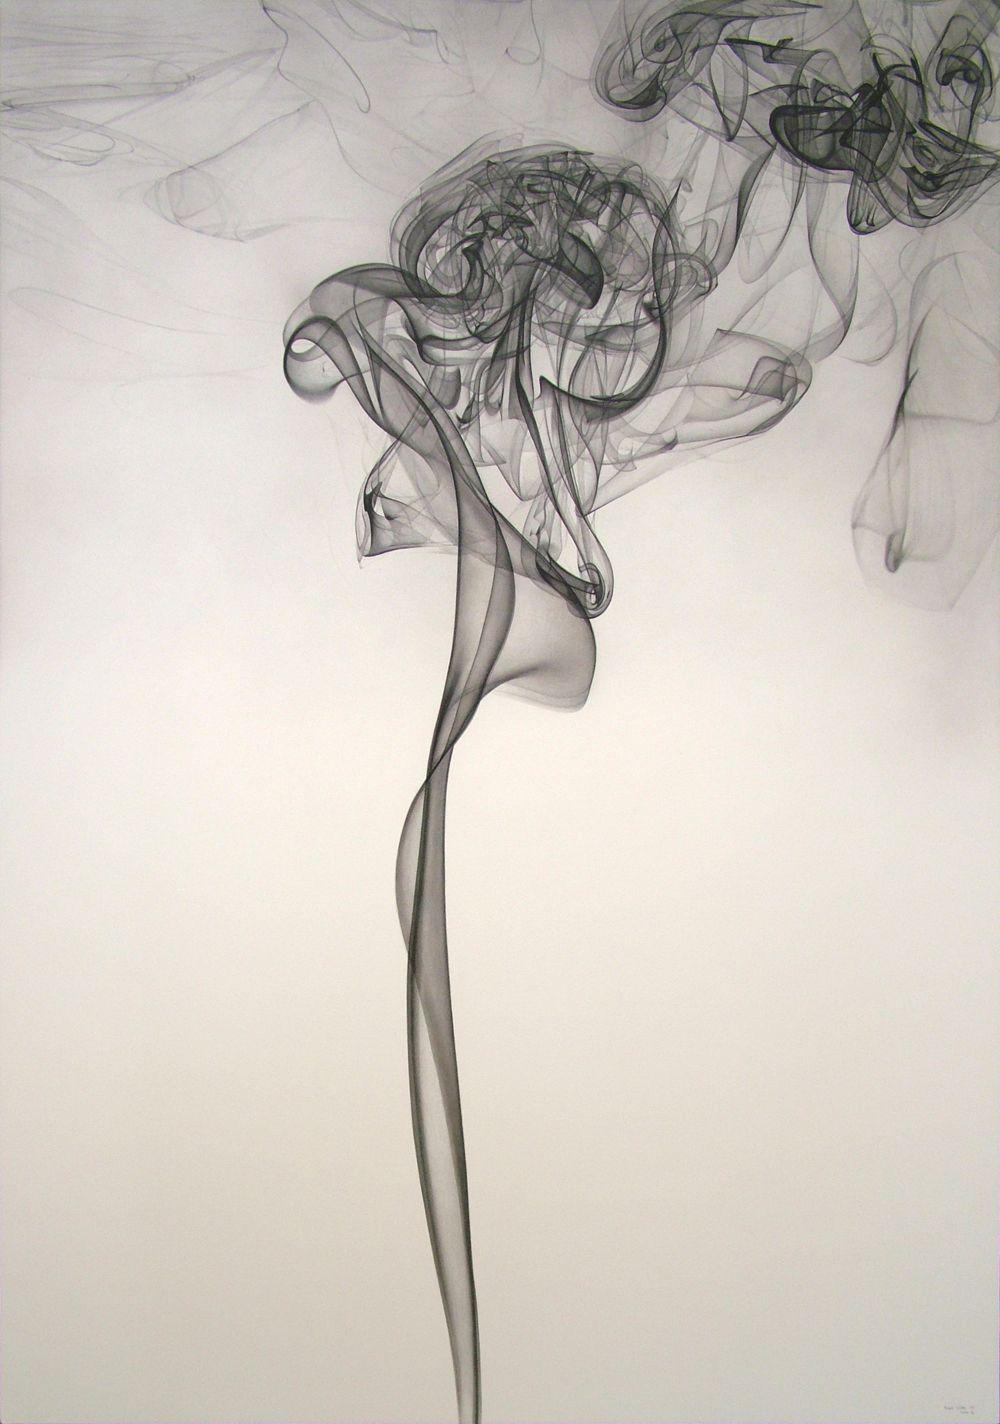 http://www.romuloceldran.net/wp-content/uploads/2012/08/Smoke-III.jpg